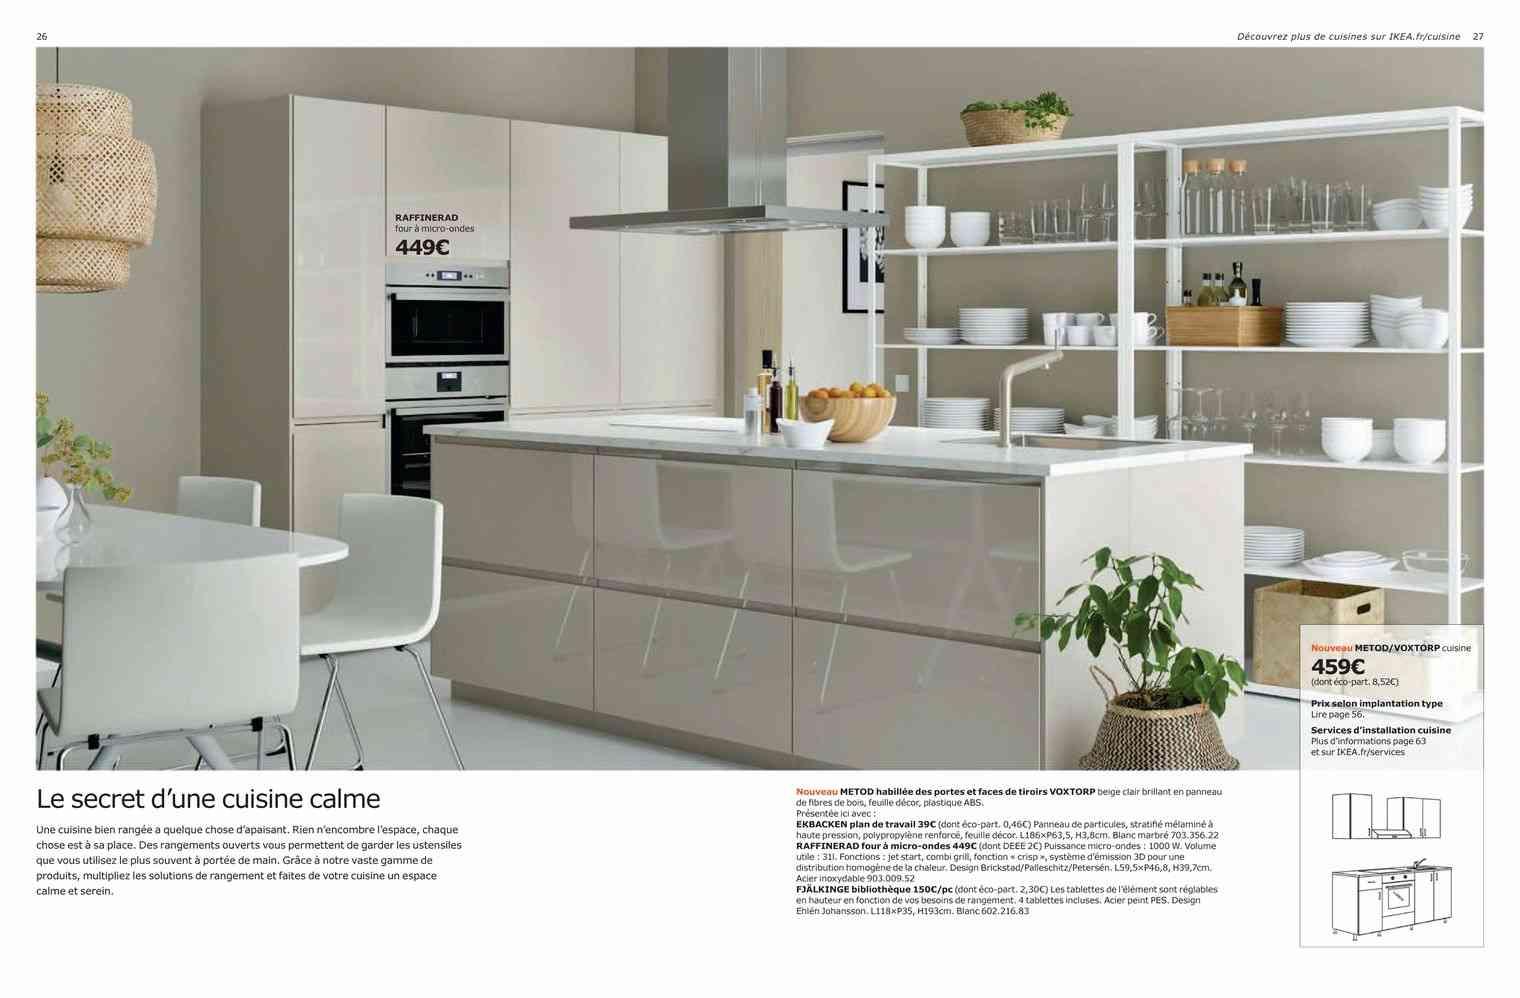 Cuisine Ikea Ringhult Blanc Brillant Avis Élégant Photos Promotion Cuisine Ikea Génial Cuisine Ikea Ringhult Blanc Brillant